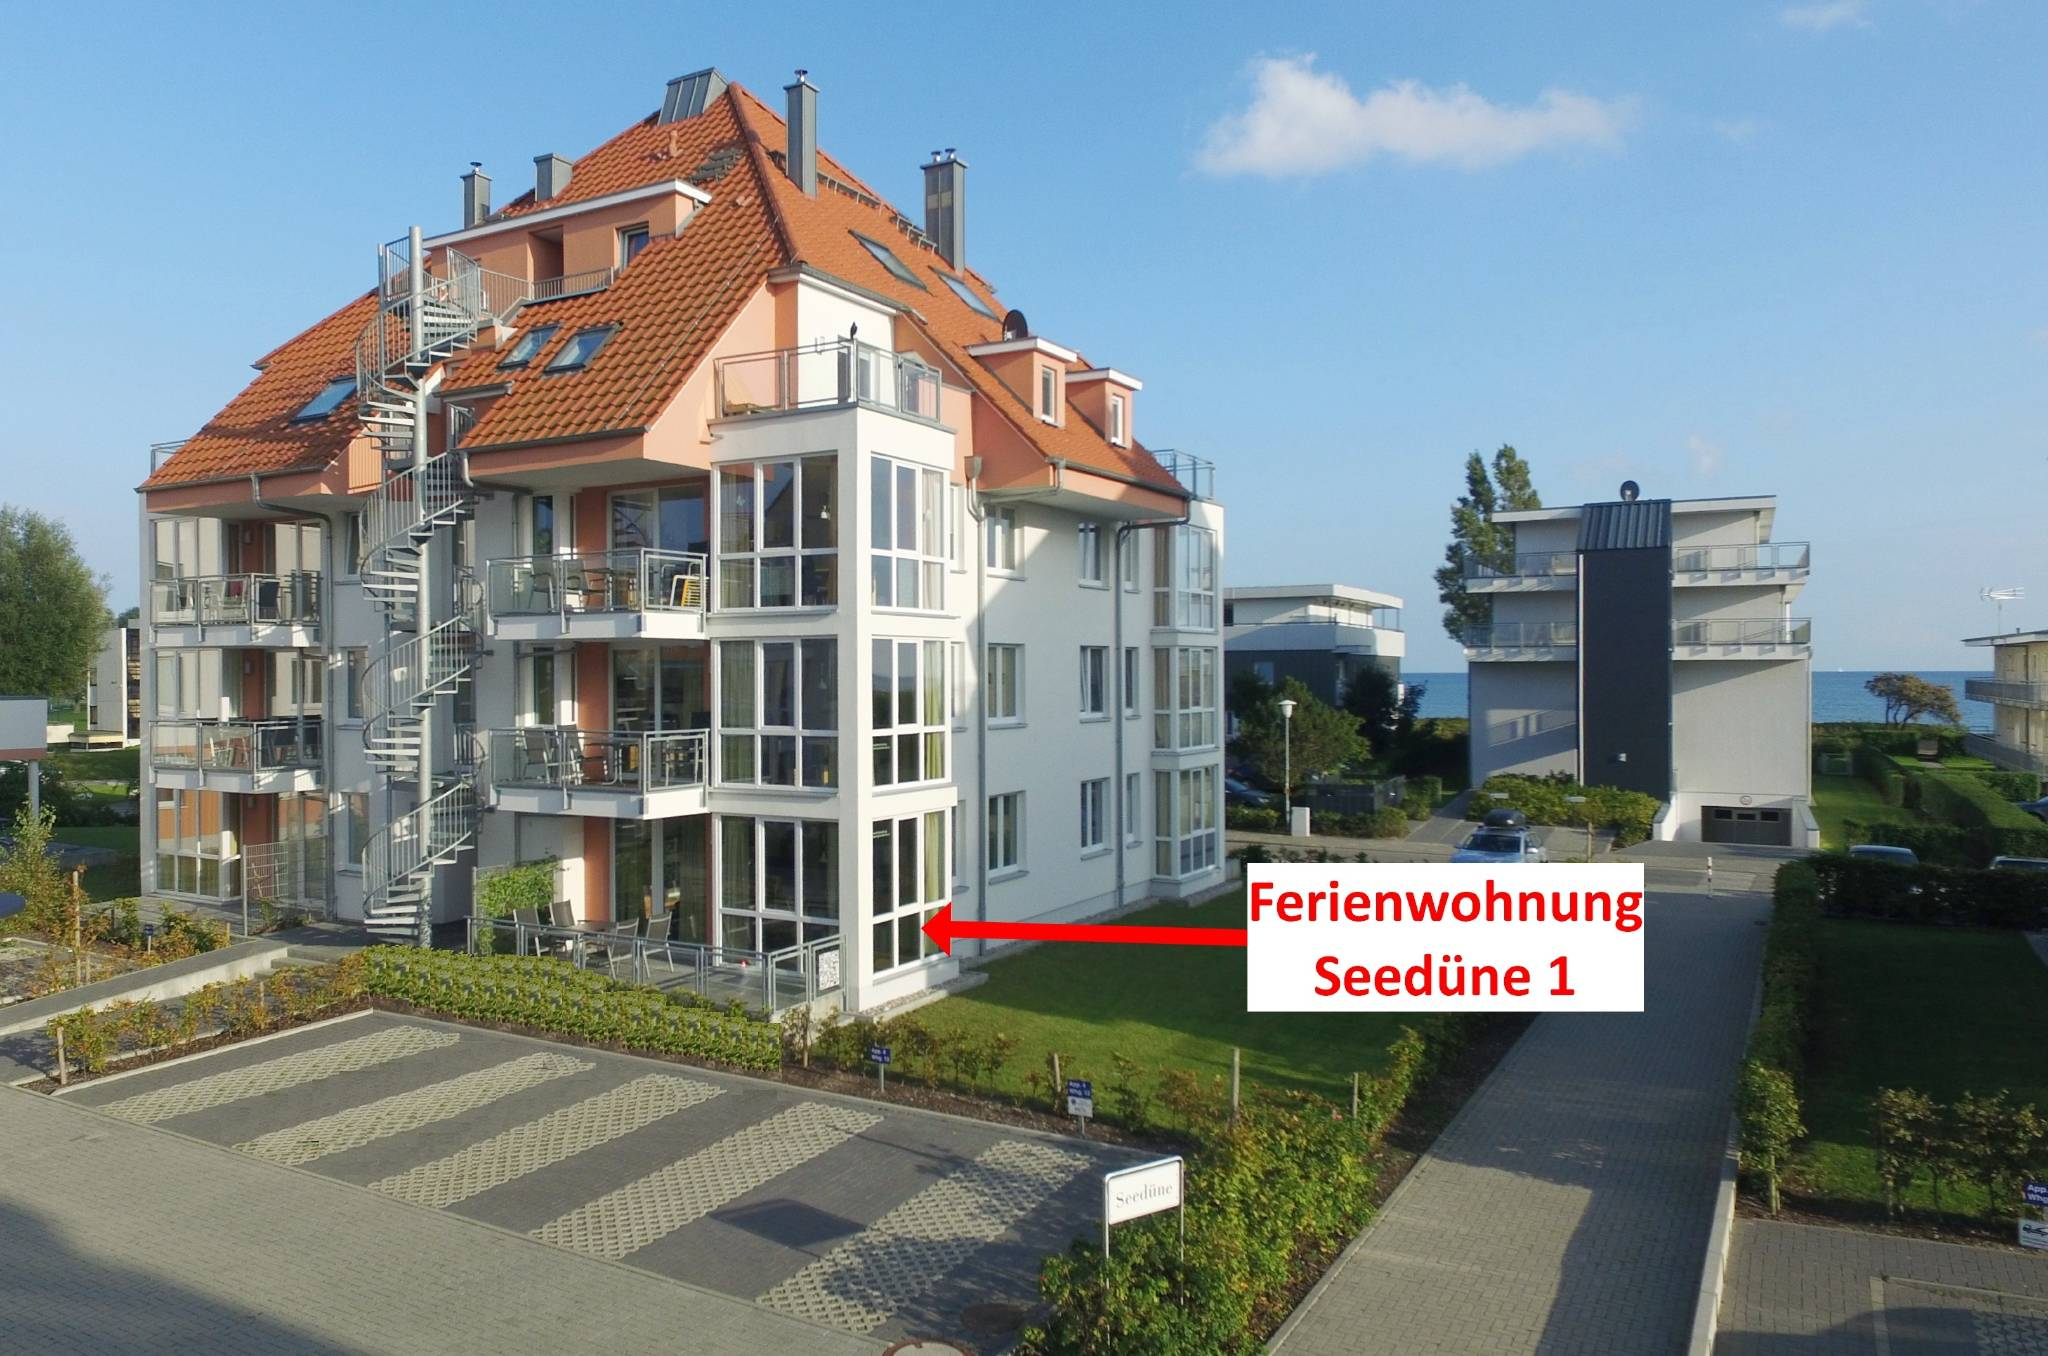 Wohnung Seedüne 1 (Erdgeschoss)